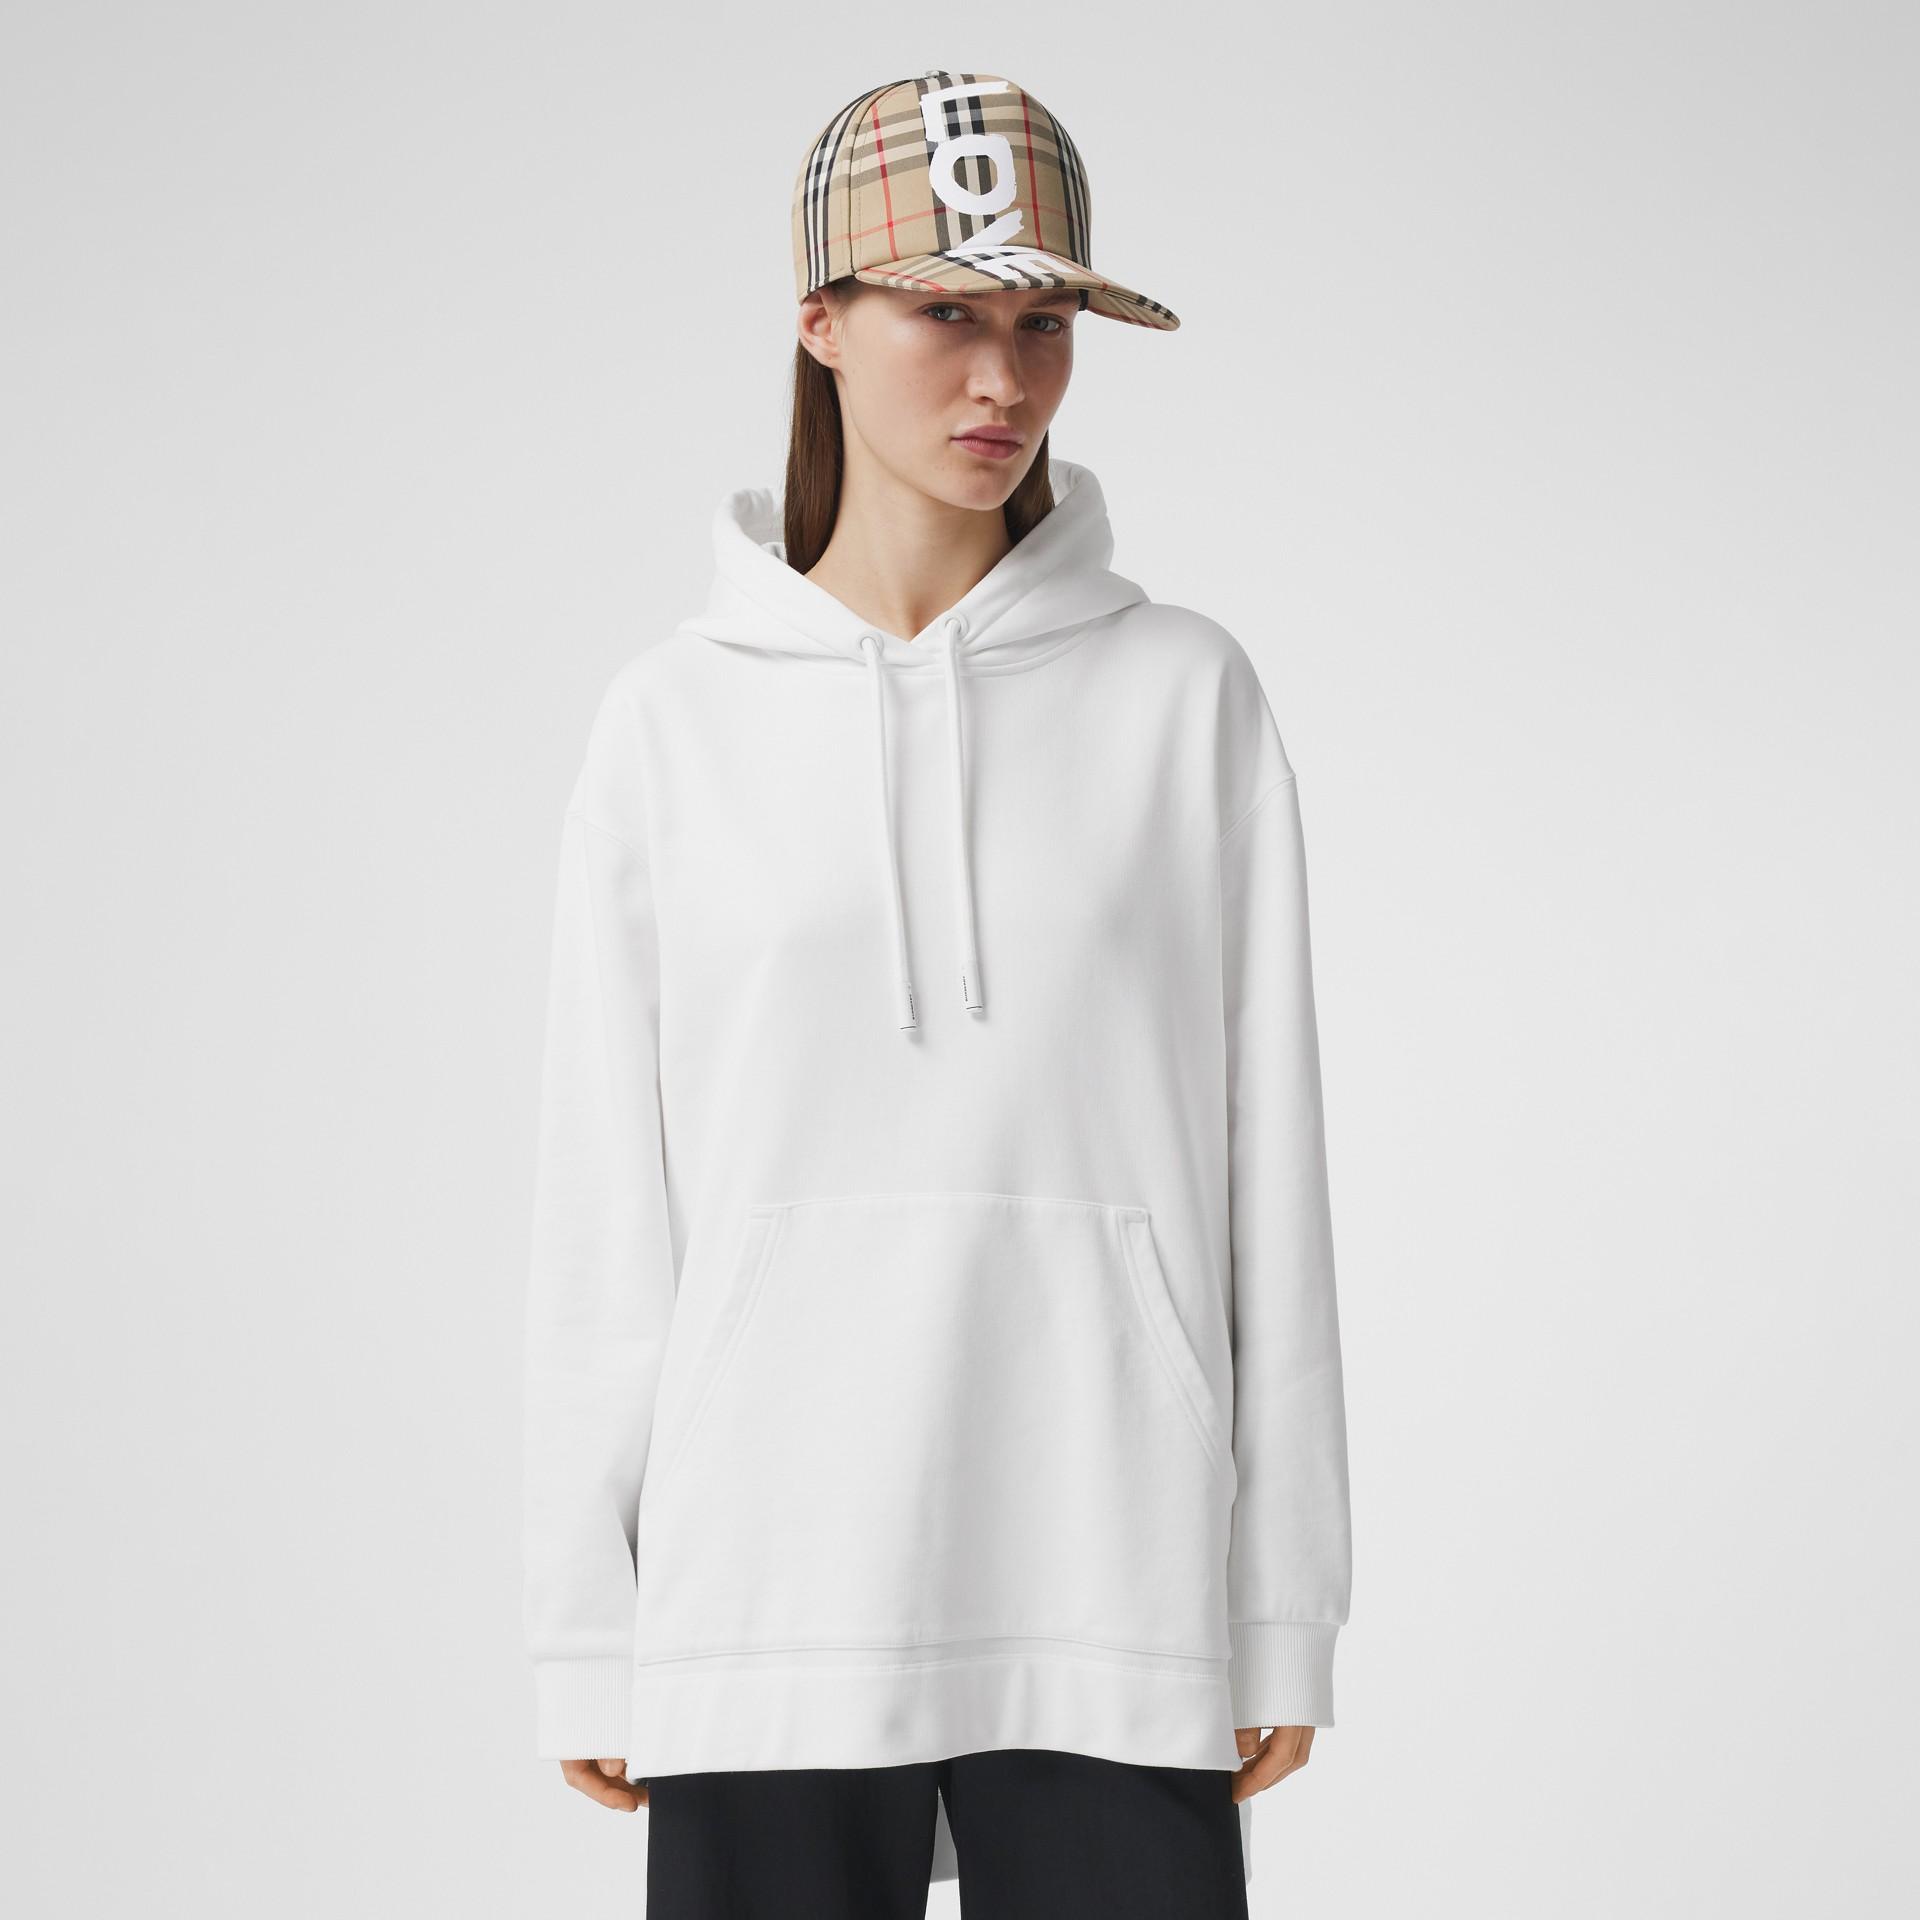 Sweat-shirt à capuche oversize en coton avec coordonnées (Blanc) - Femme | Burberry - photo de la galerie 2